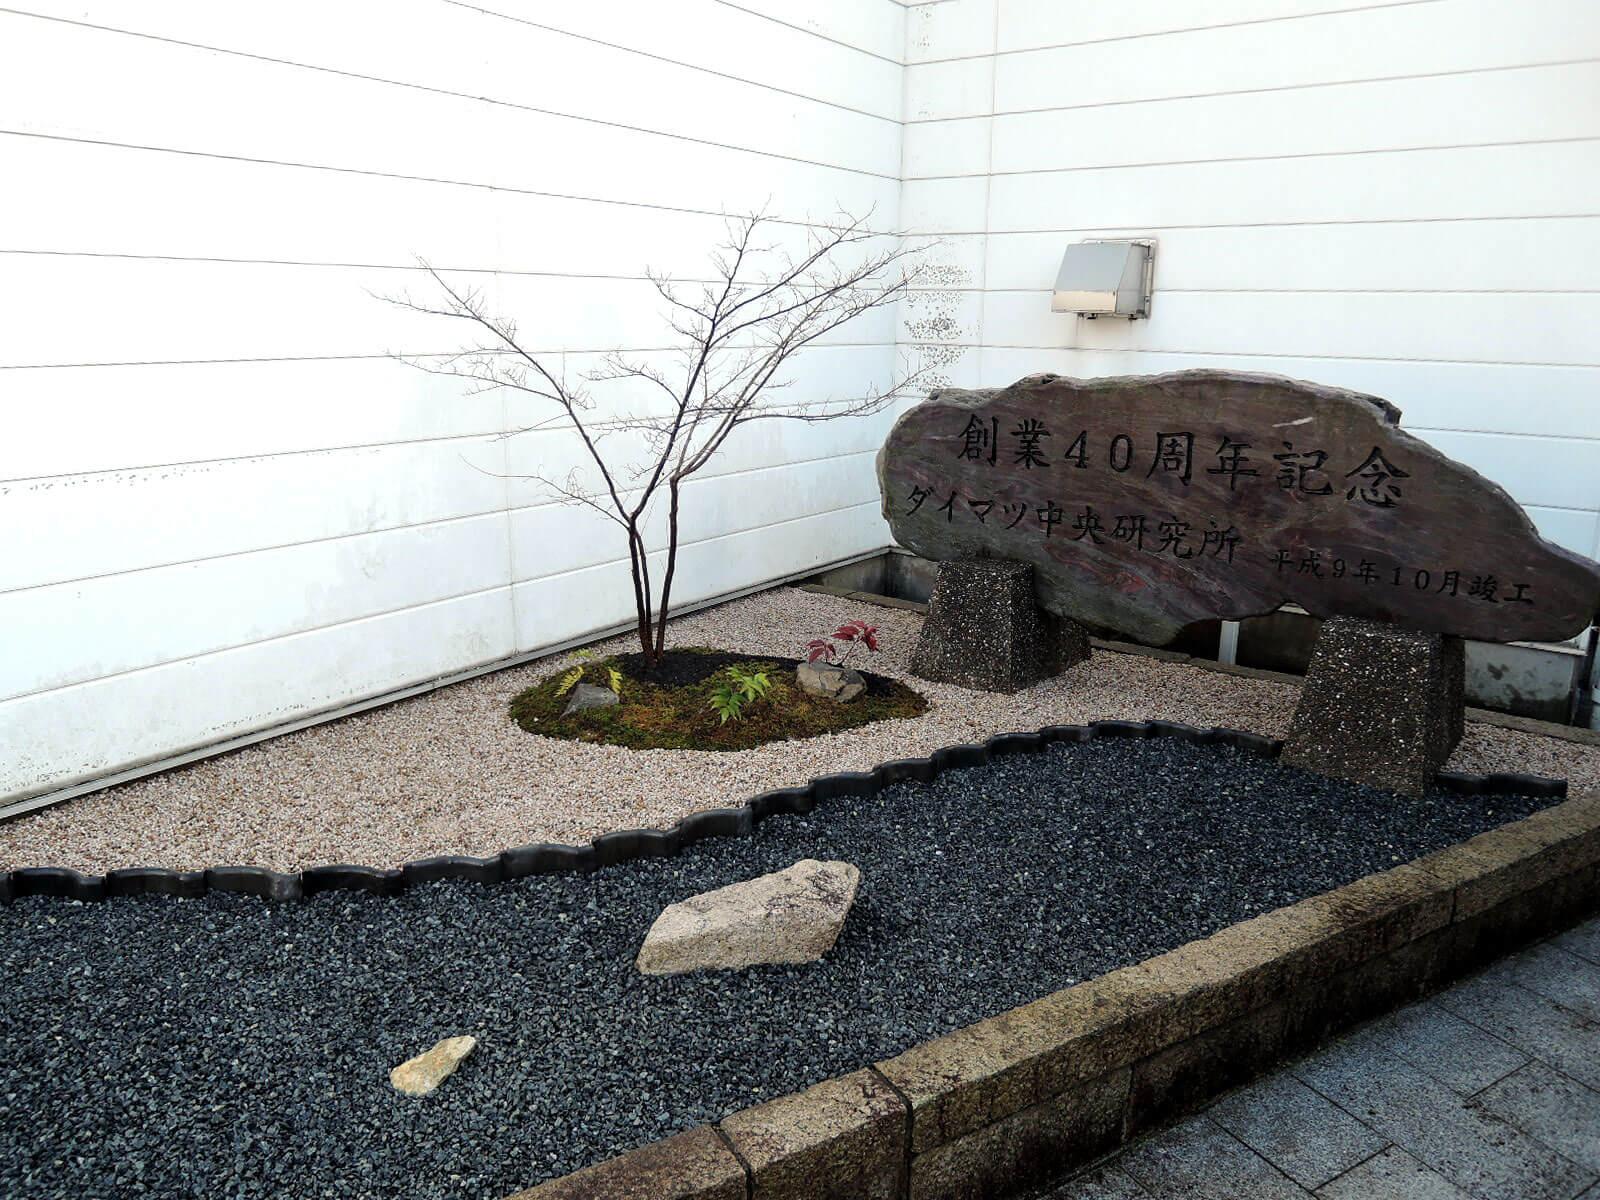 米子市(株)ダイマツ様  研究所前の海の庭